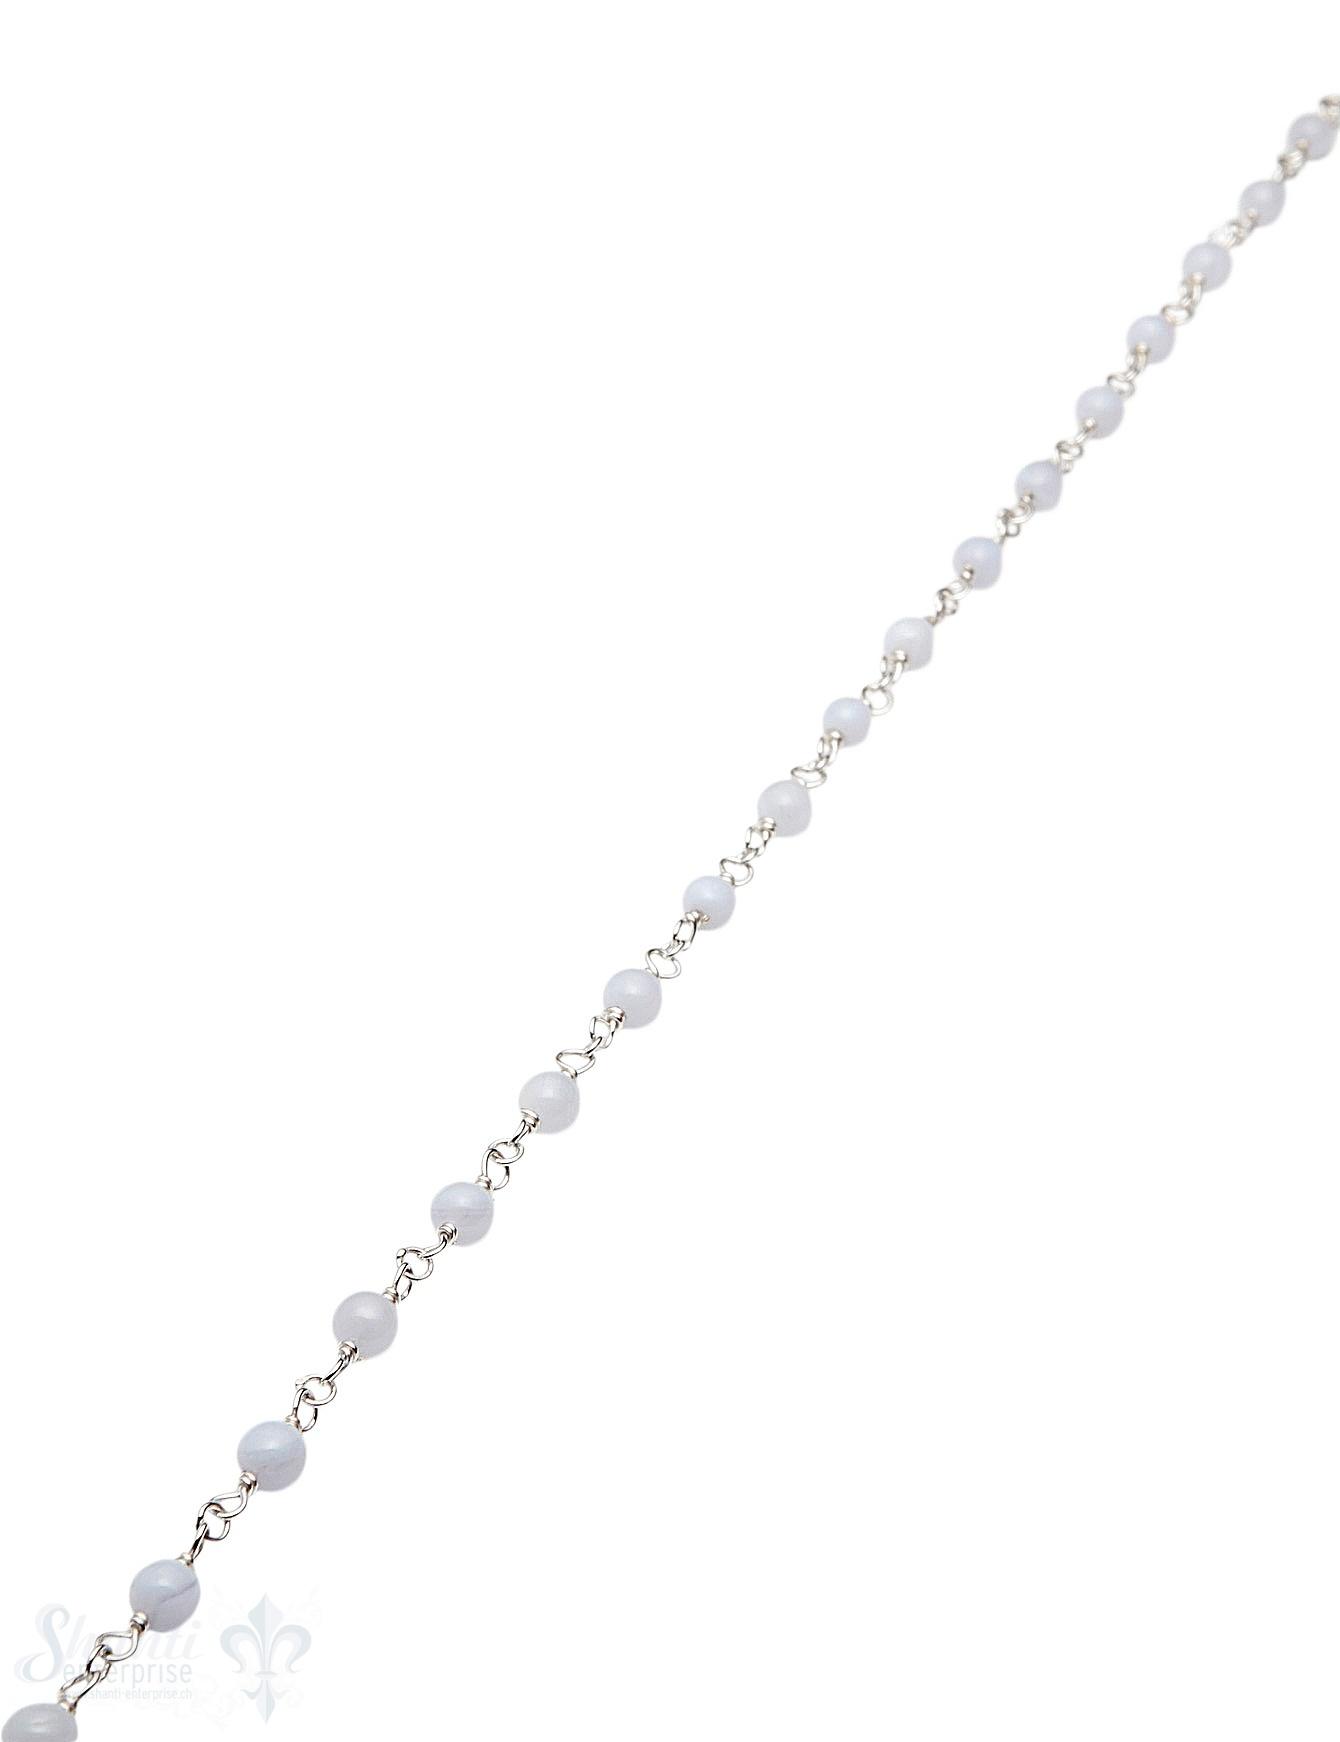 Rosenkranzkette Chalcedon hellblau 4 mm rund polie